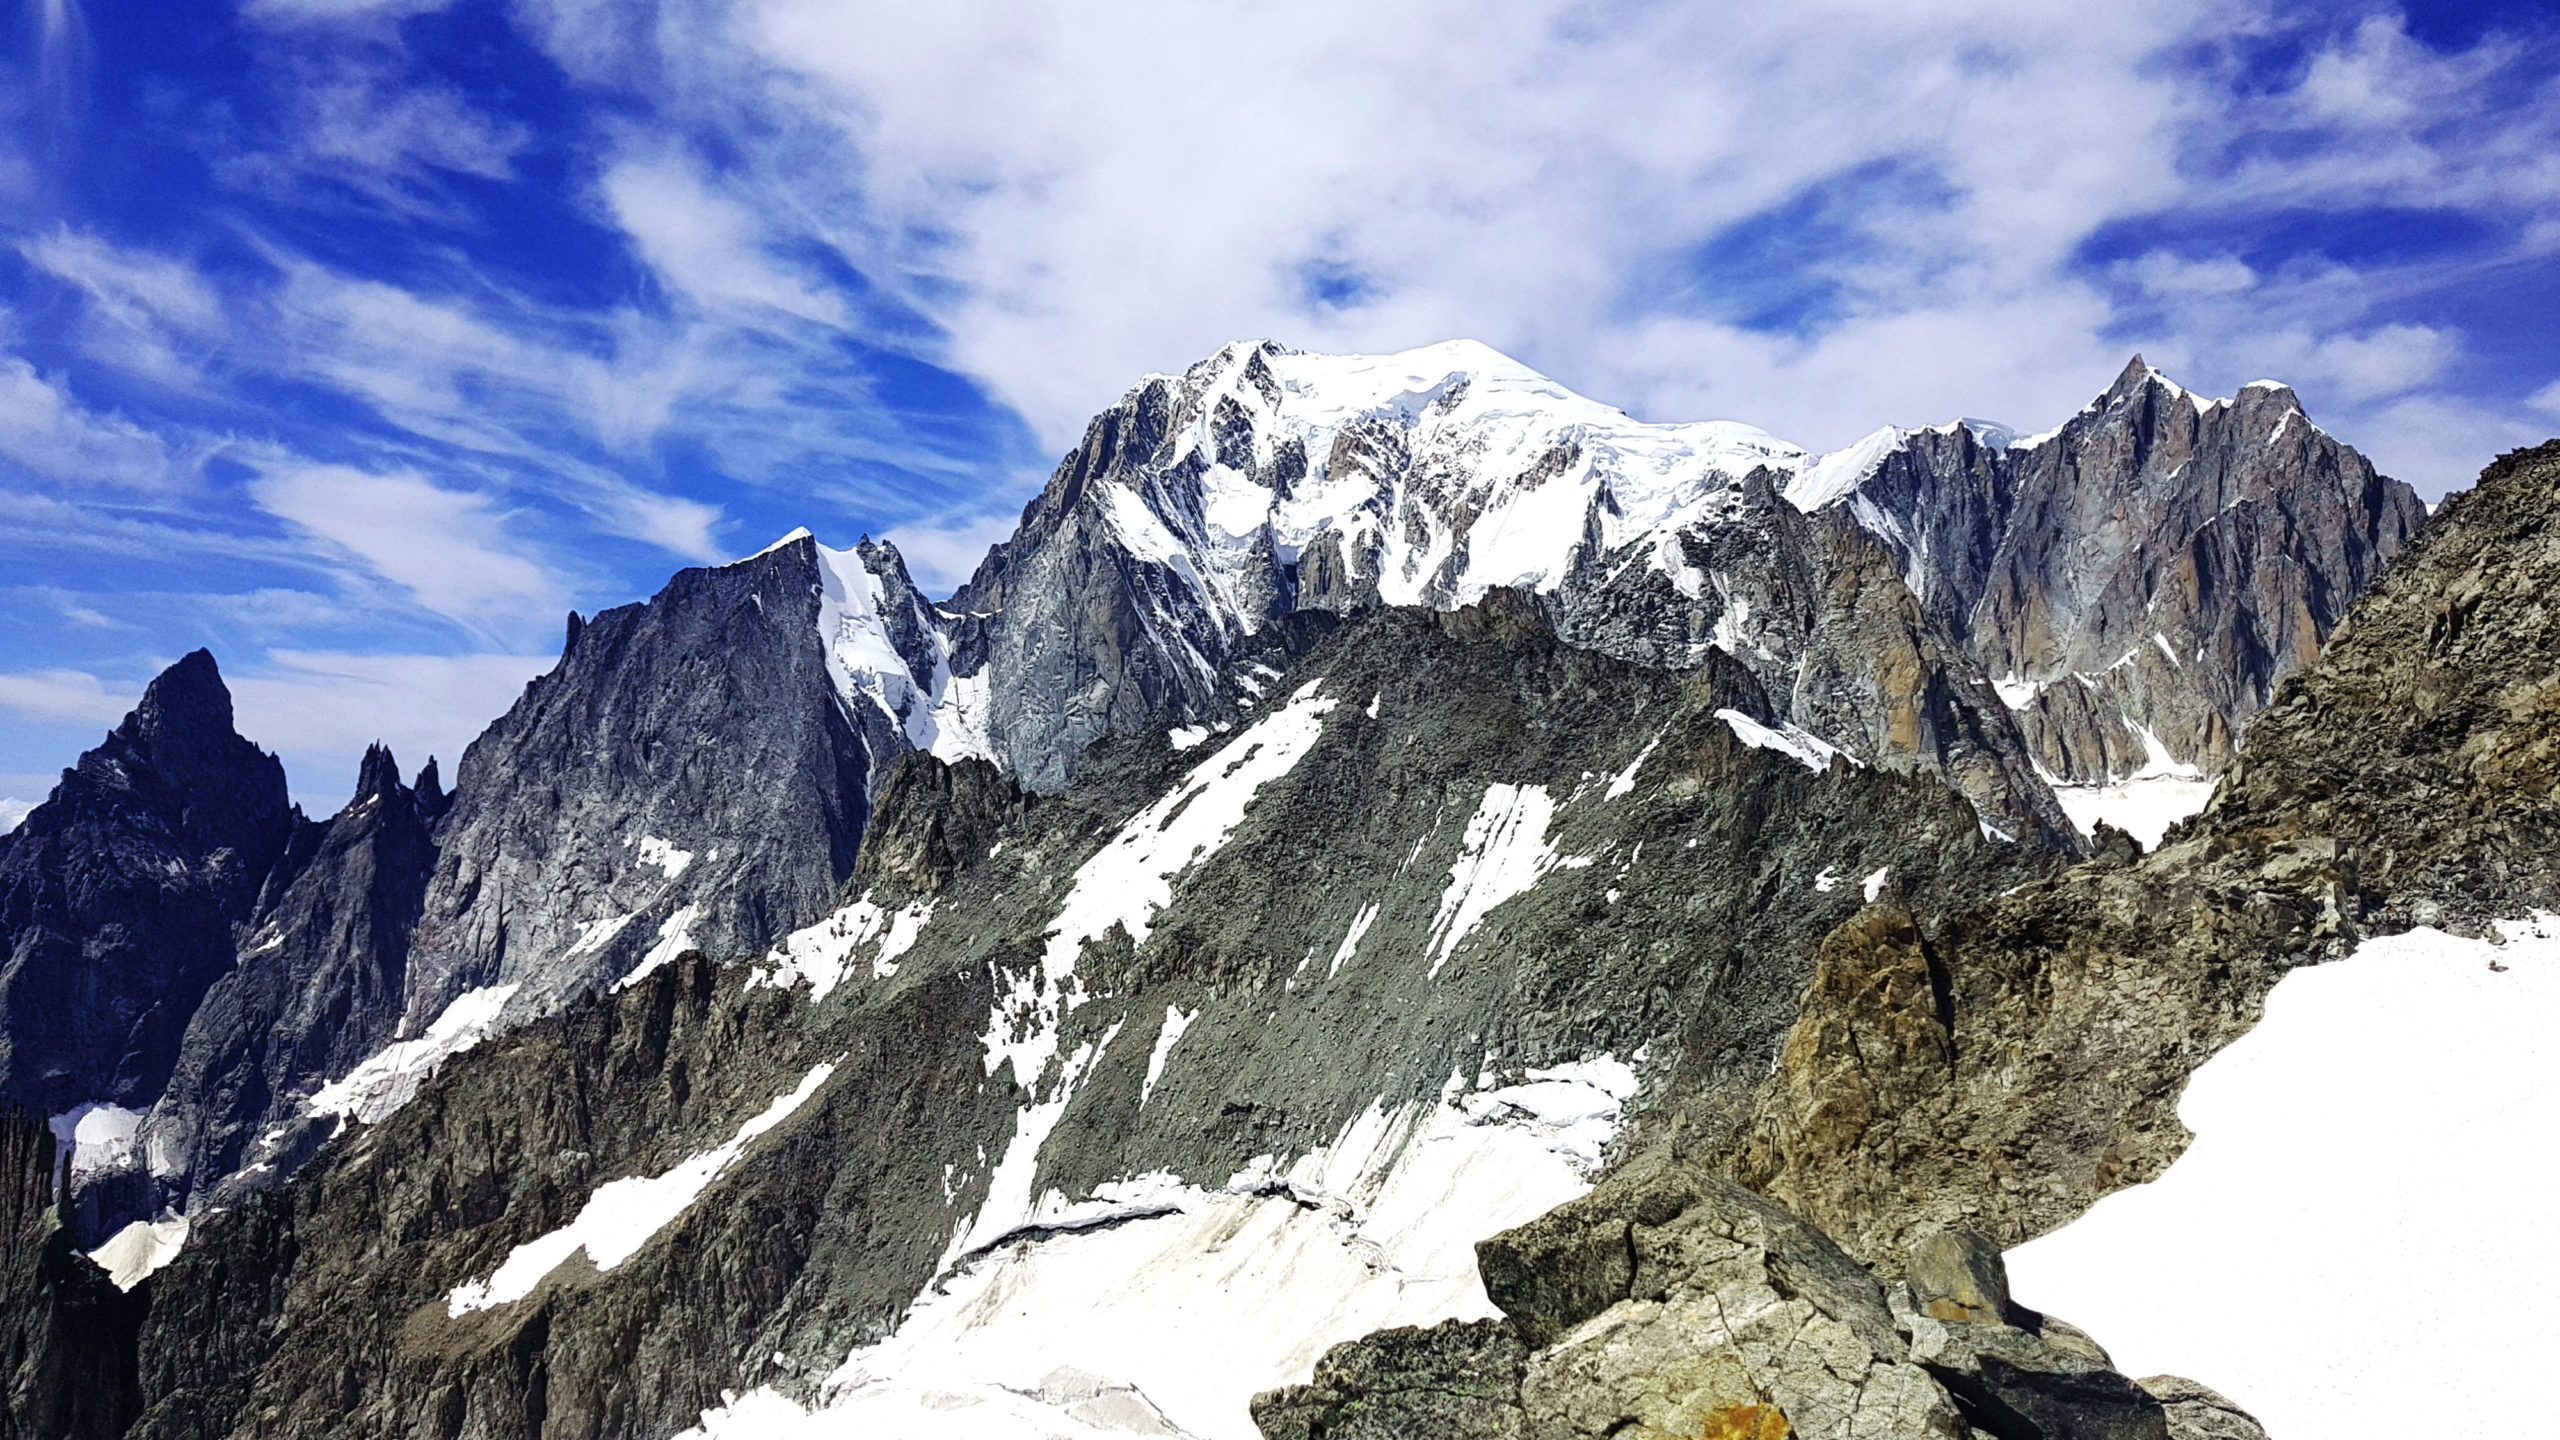 Monte bianco wikipedia